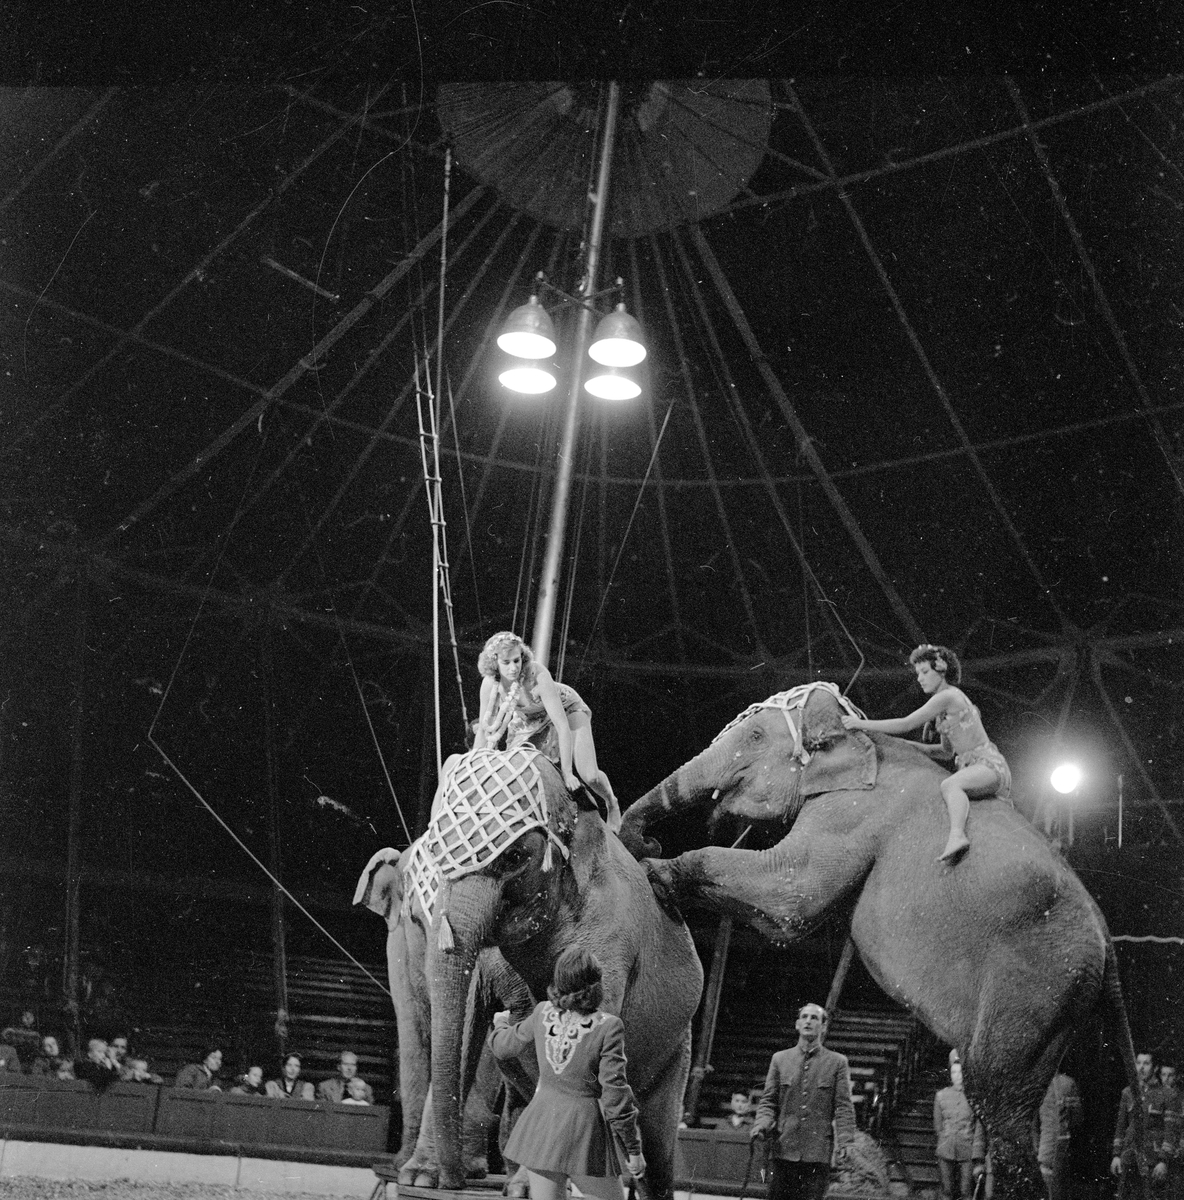 Oslo, september 1957, Sirkus Scott i byen, med elefanter, kameler, hester og sirkusartister.